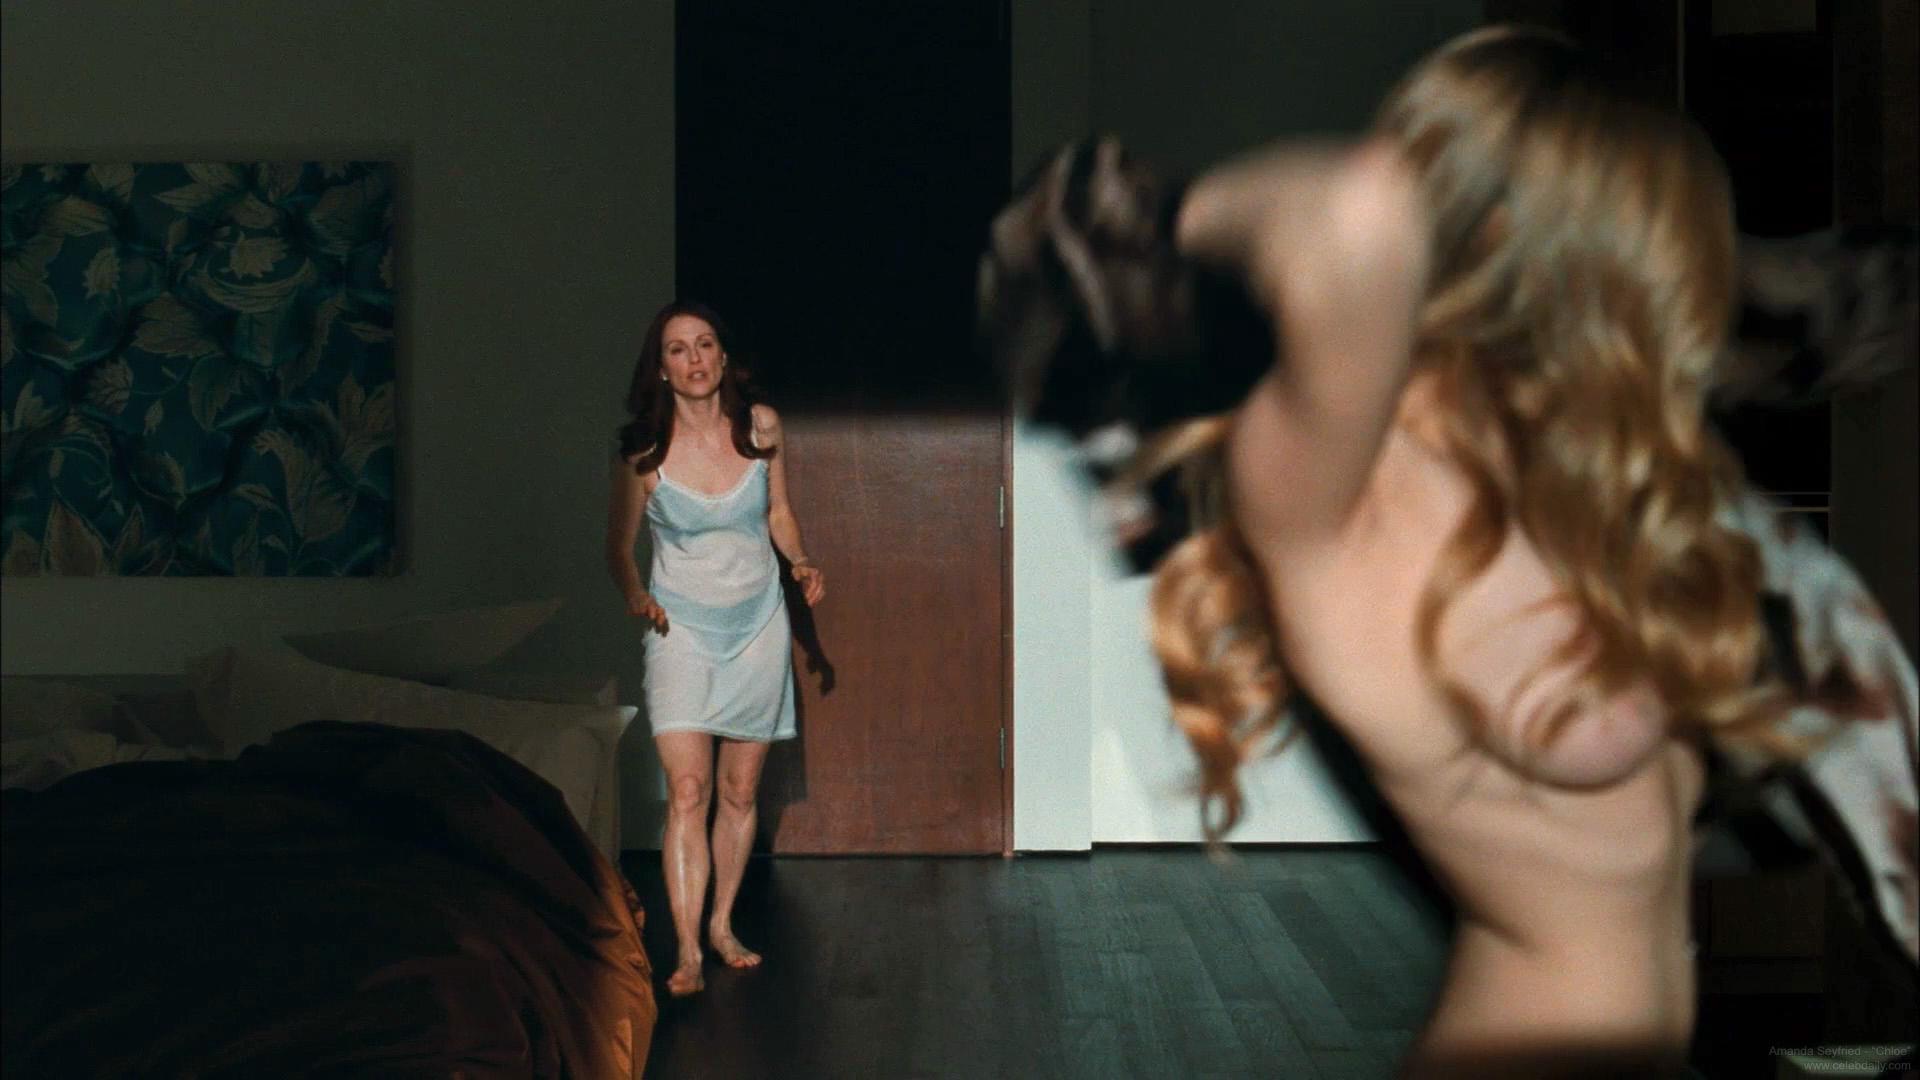 Amanda Seyfried desnuda follando